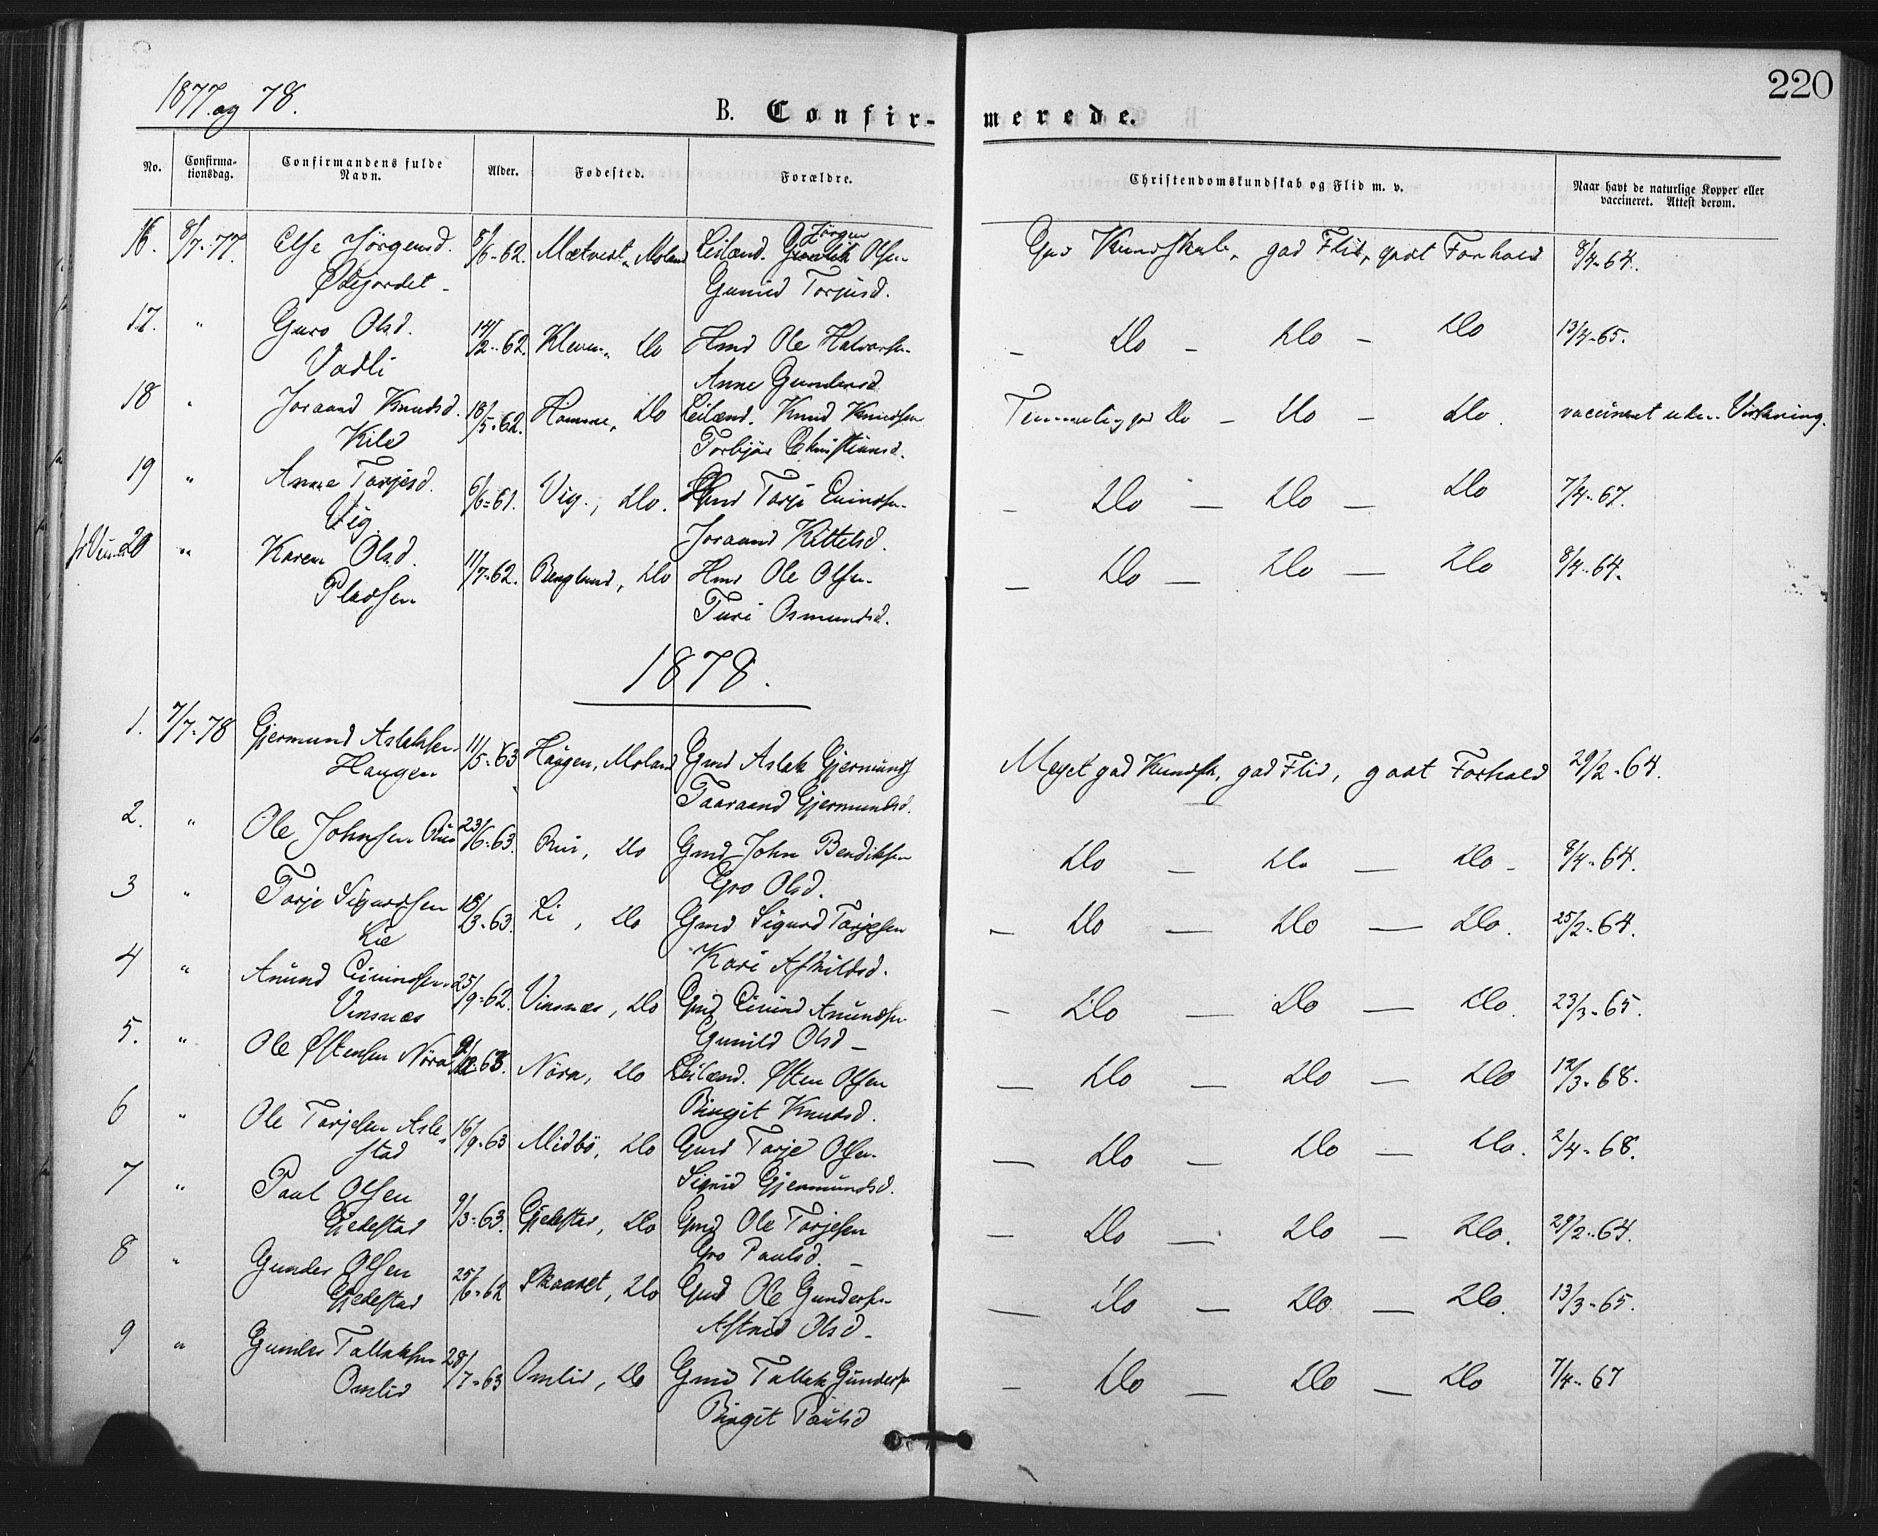 SAKO, Fyresdal kirkebøker, F/Fa/L0006: Ministerialbok nr. I 6, 1872-1886, s. 220